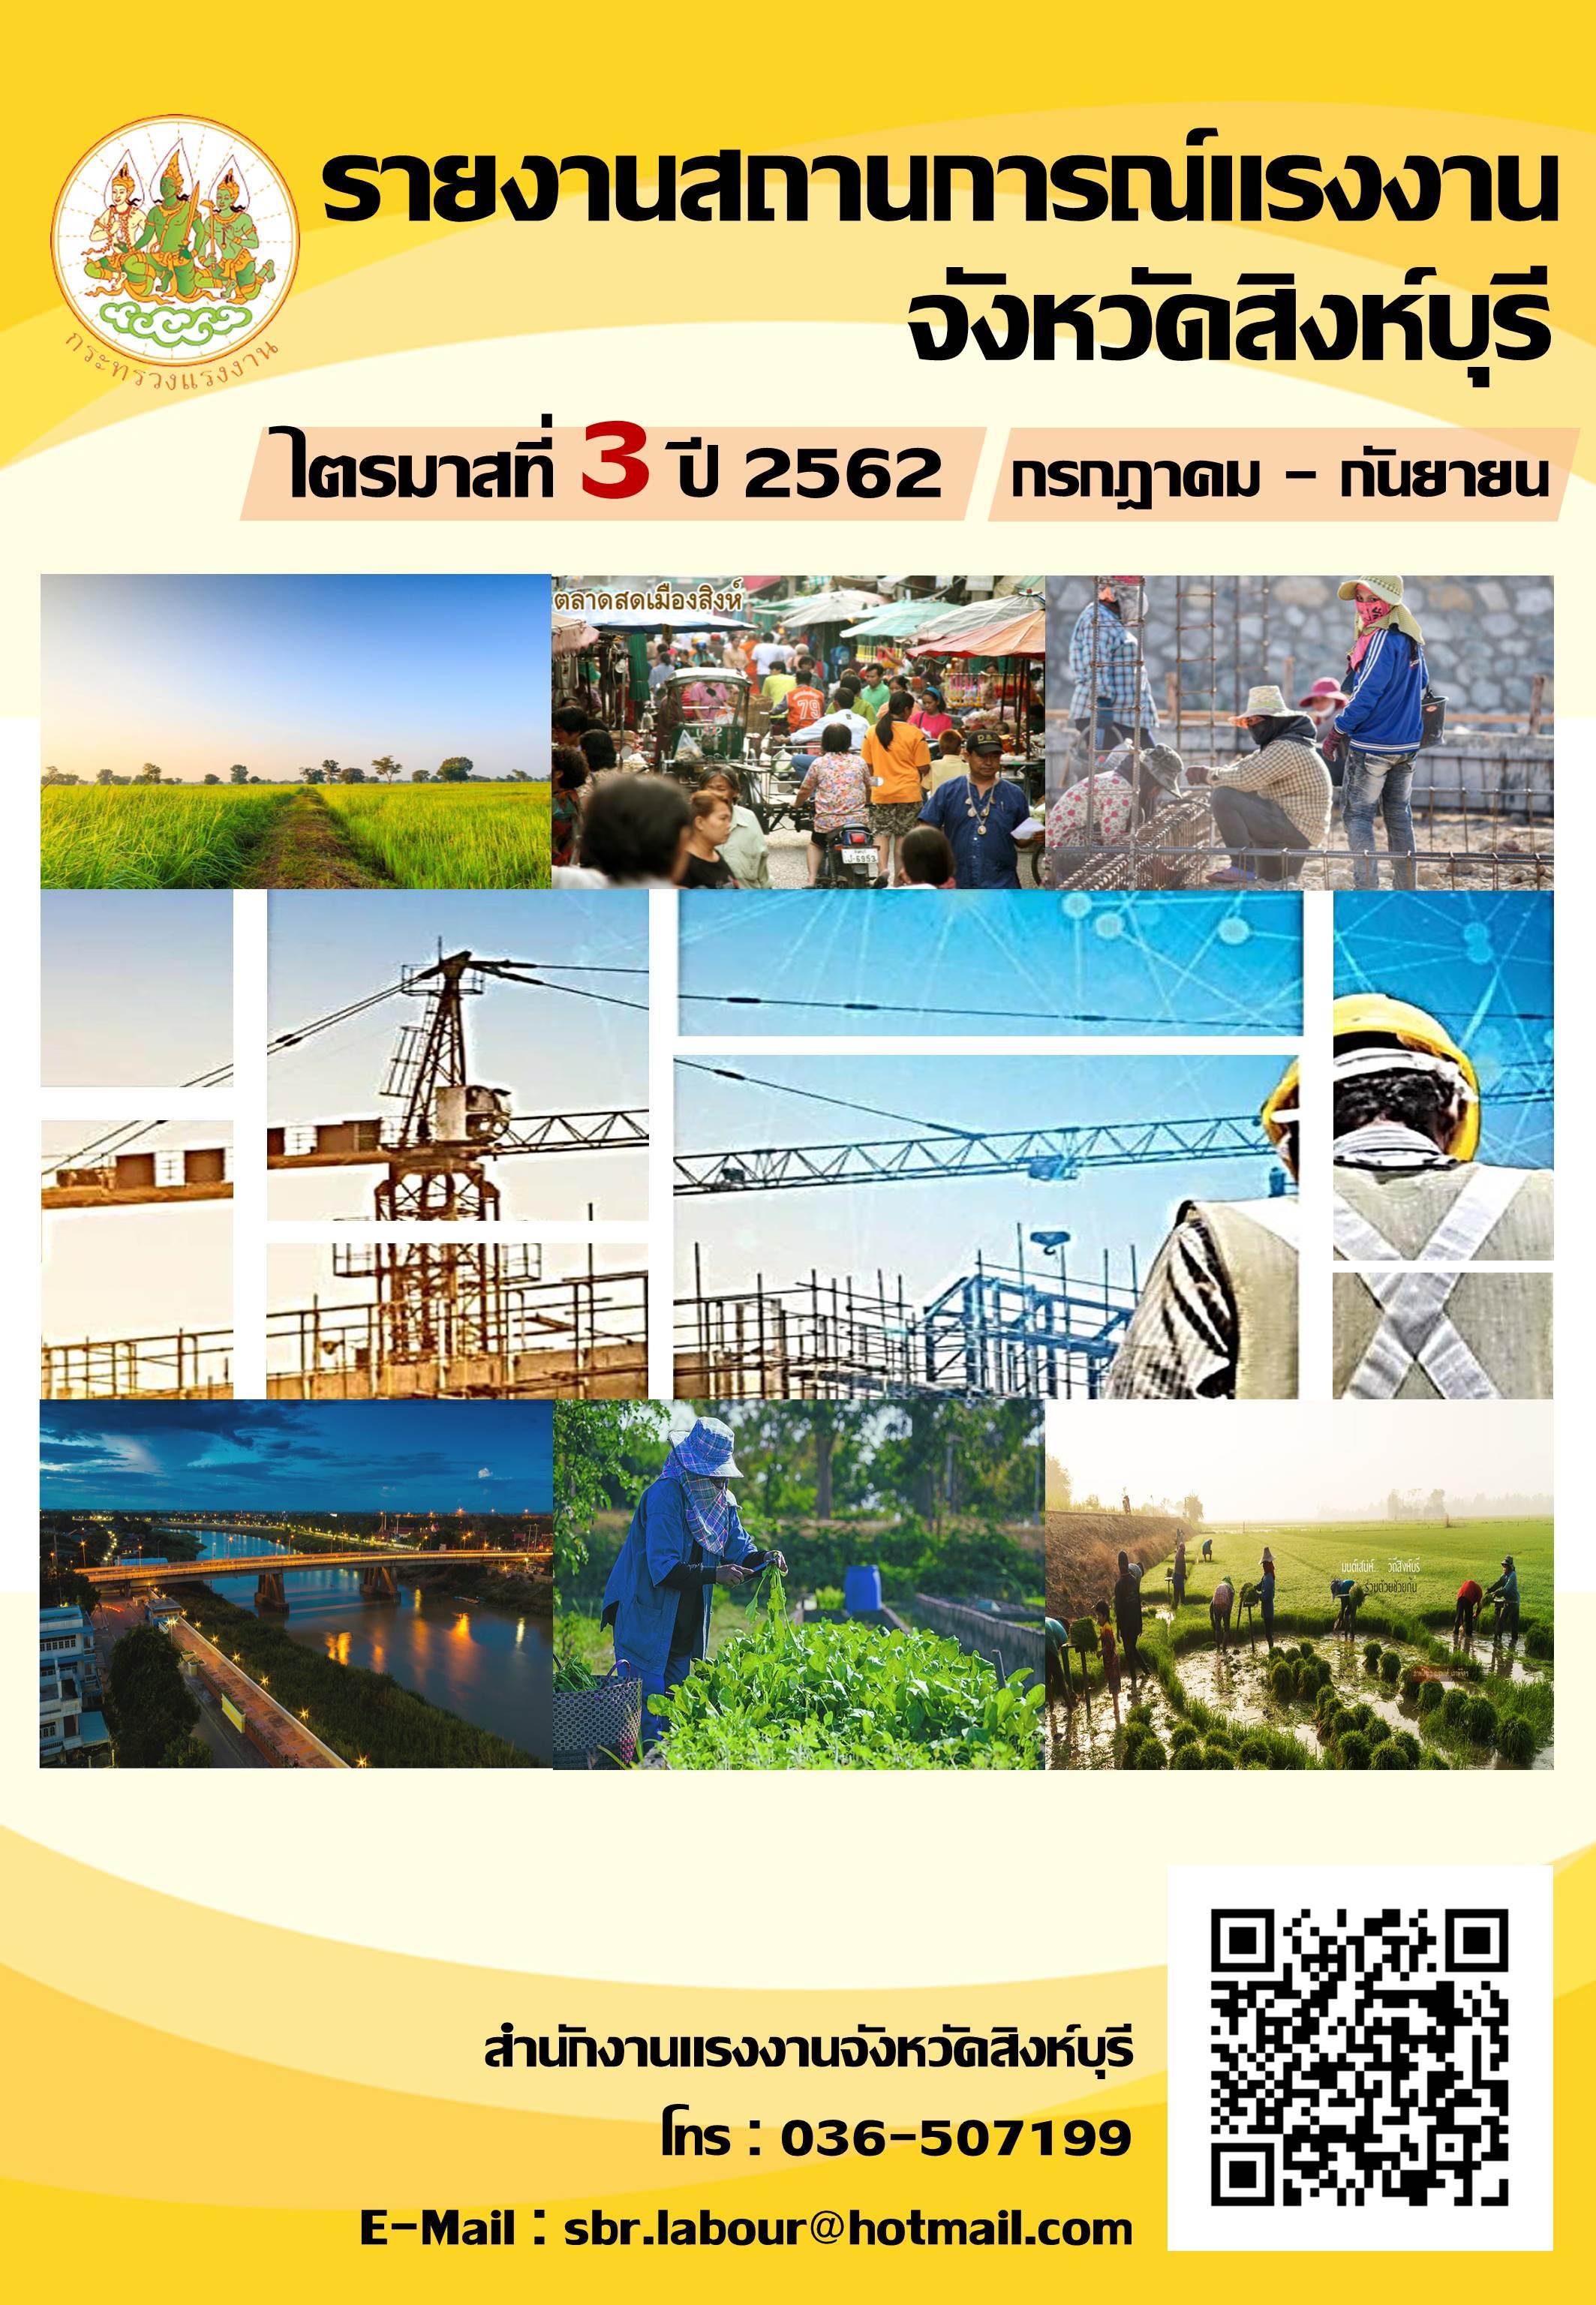 รายงานสถานการณ์แรงงานและดัชนีชี้วัดภาวะแรงงานจังหวัดสิงห์บุรี ไตรมาส 3 (กรกฎาคม – กันยายน) 2562